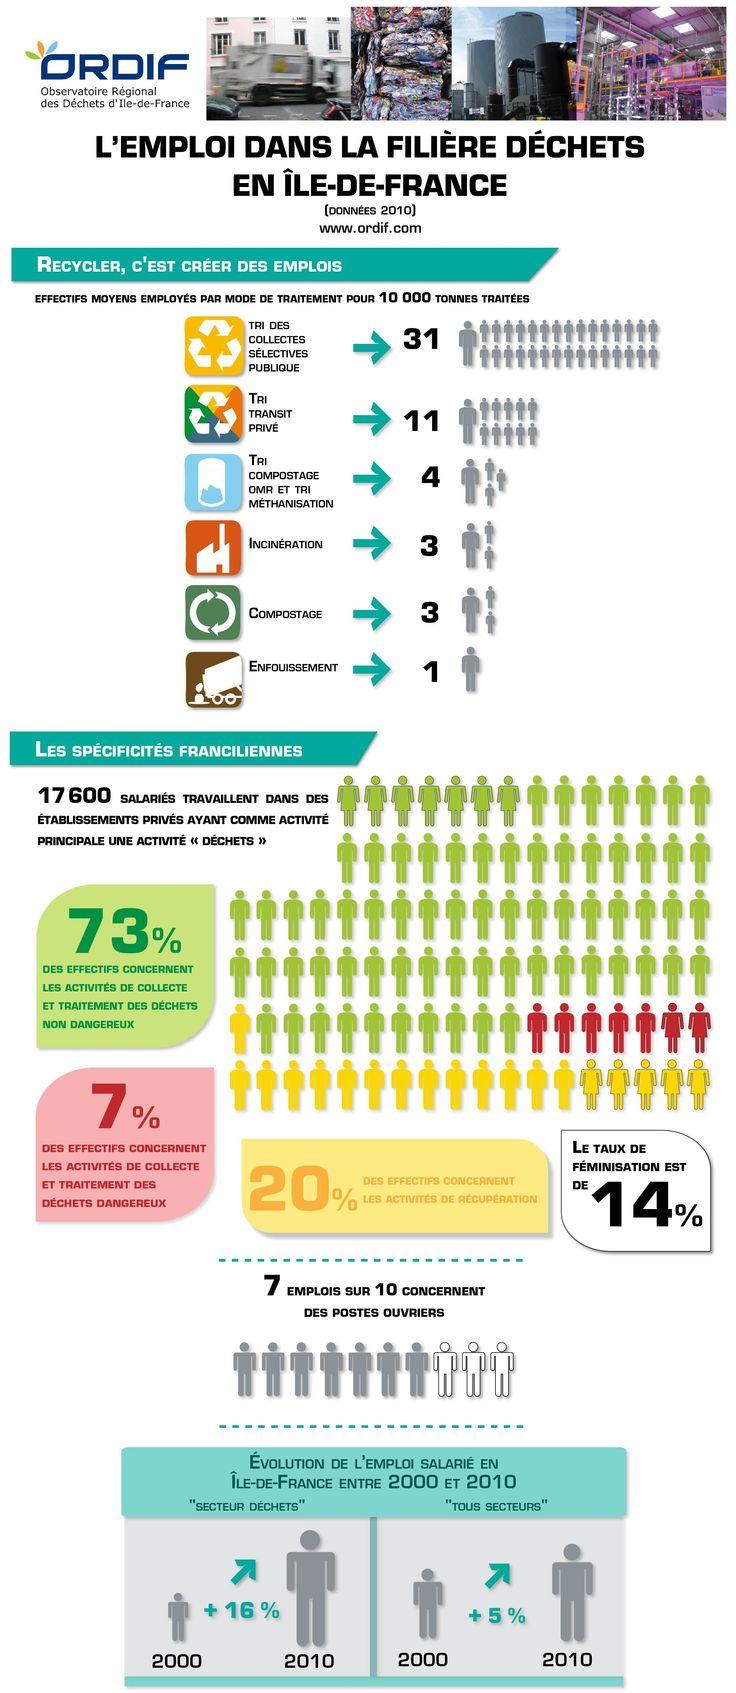 Infographie : L'emploi dans la filière déchets en Ile-de-France